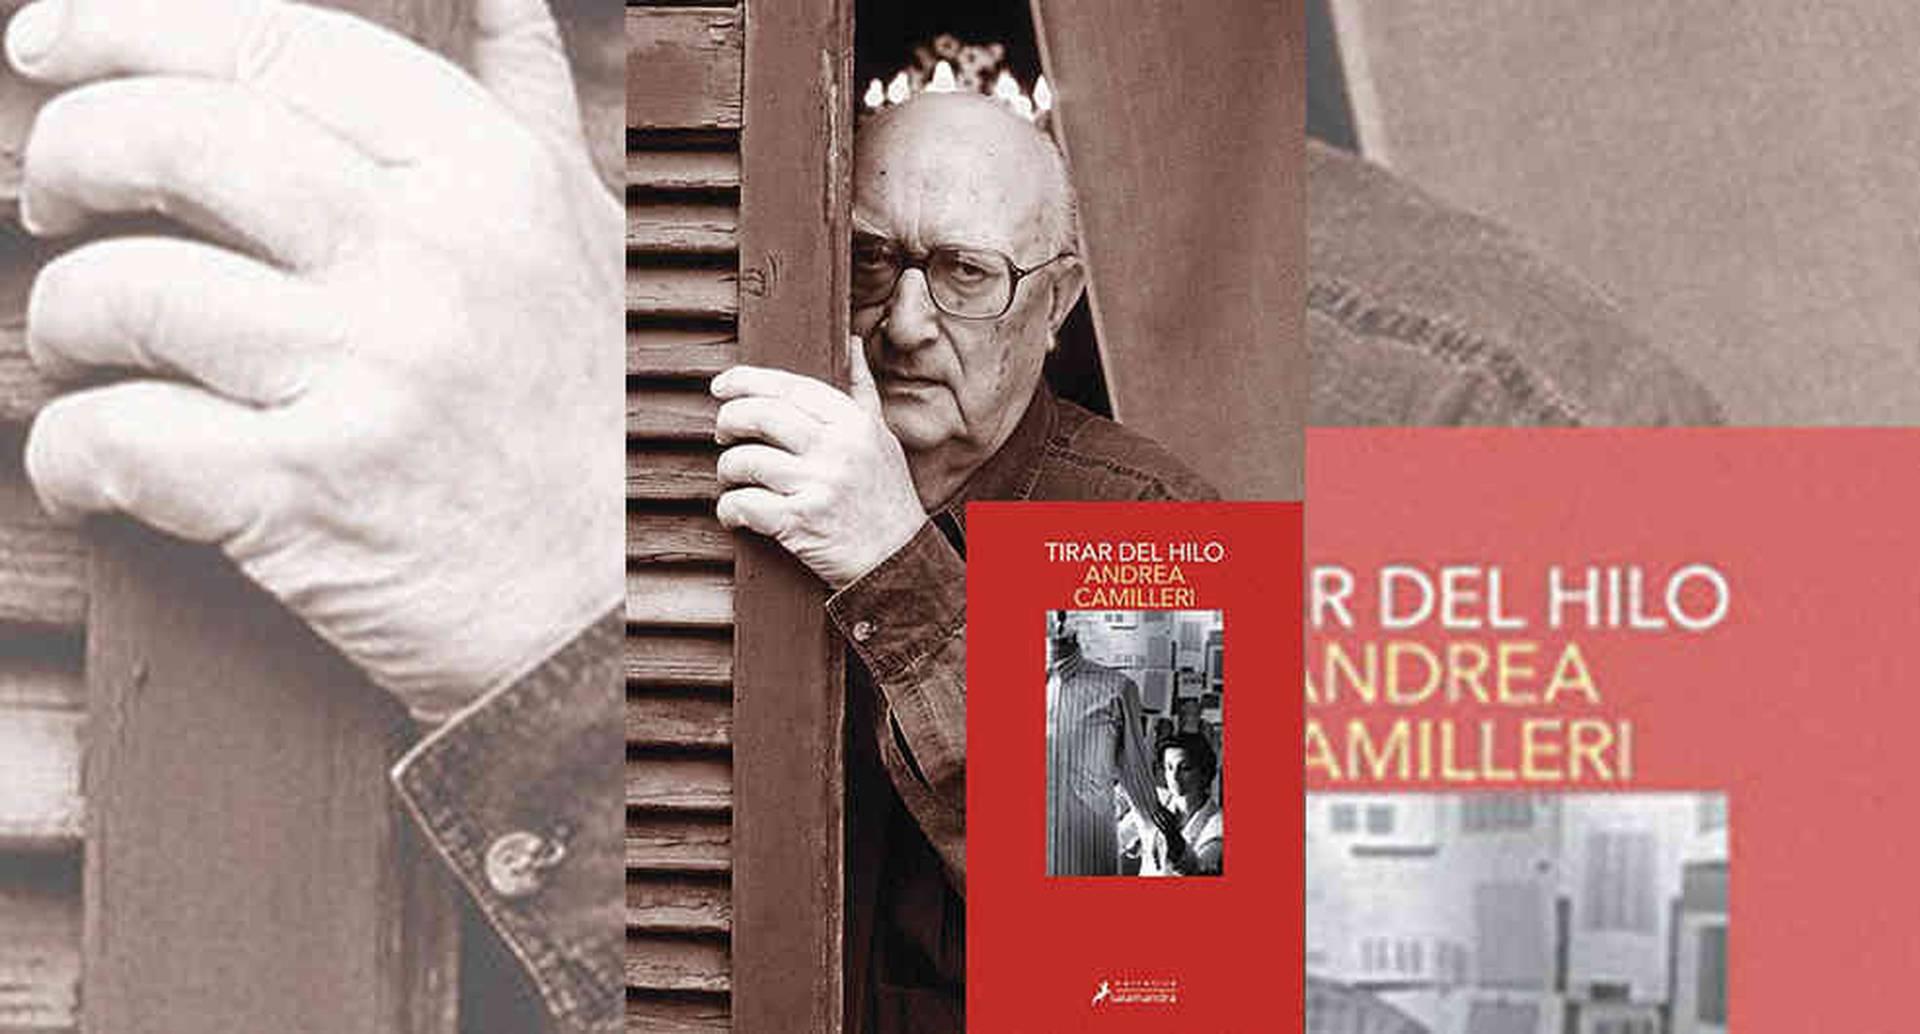 Andrea Camilleri, escritor italiano de género policíaco e histórico, falleció en 2019.